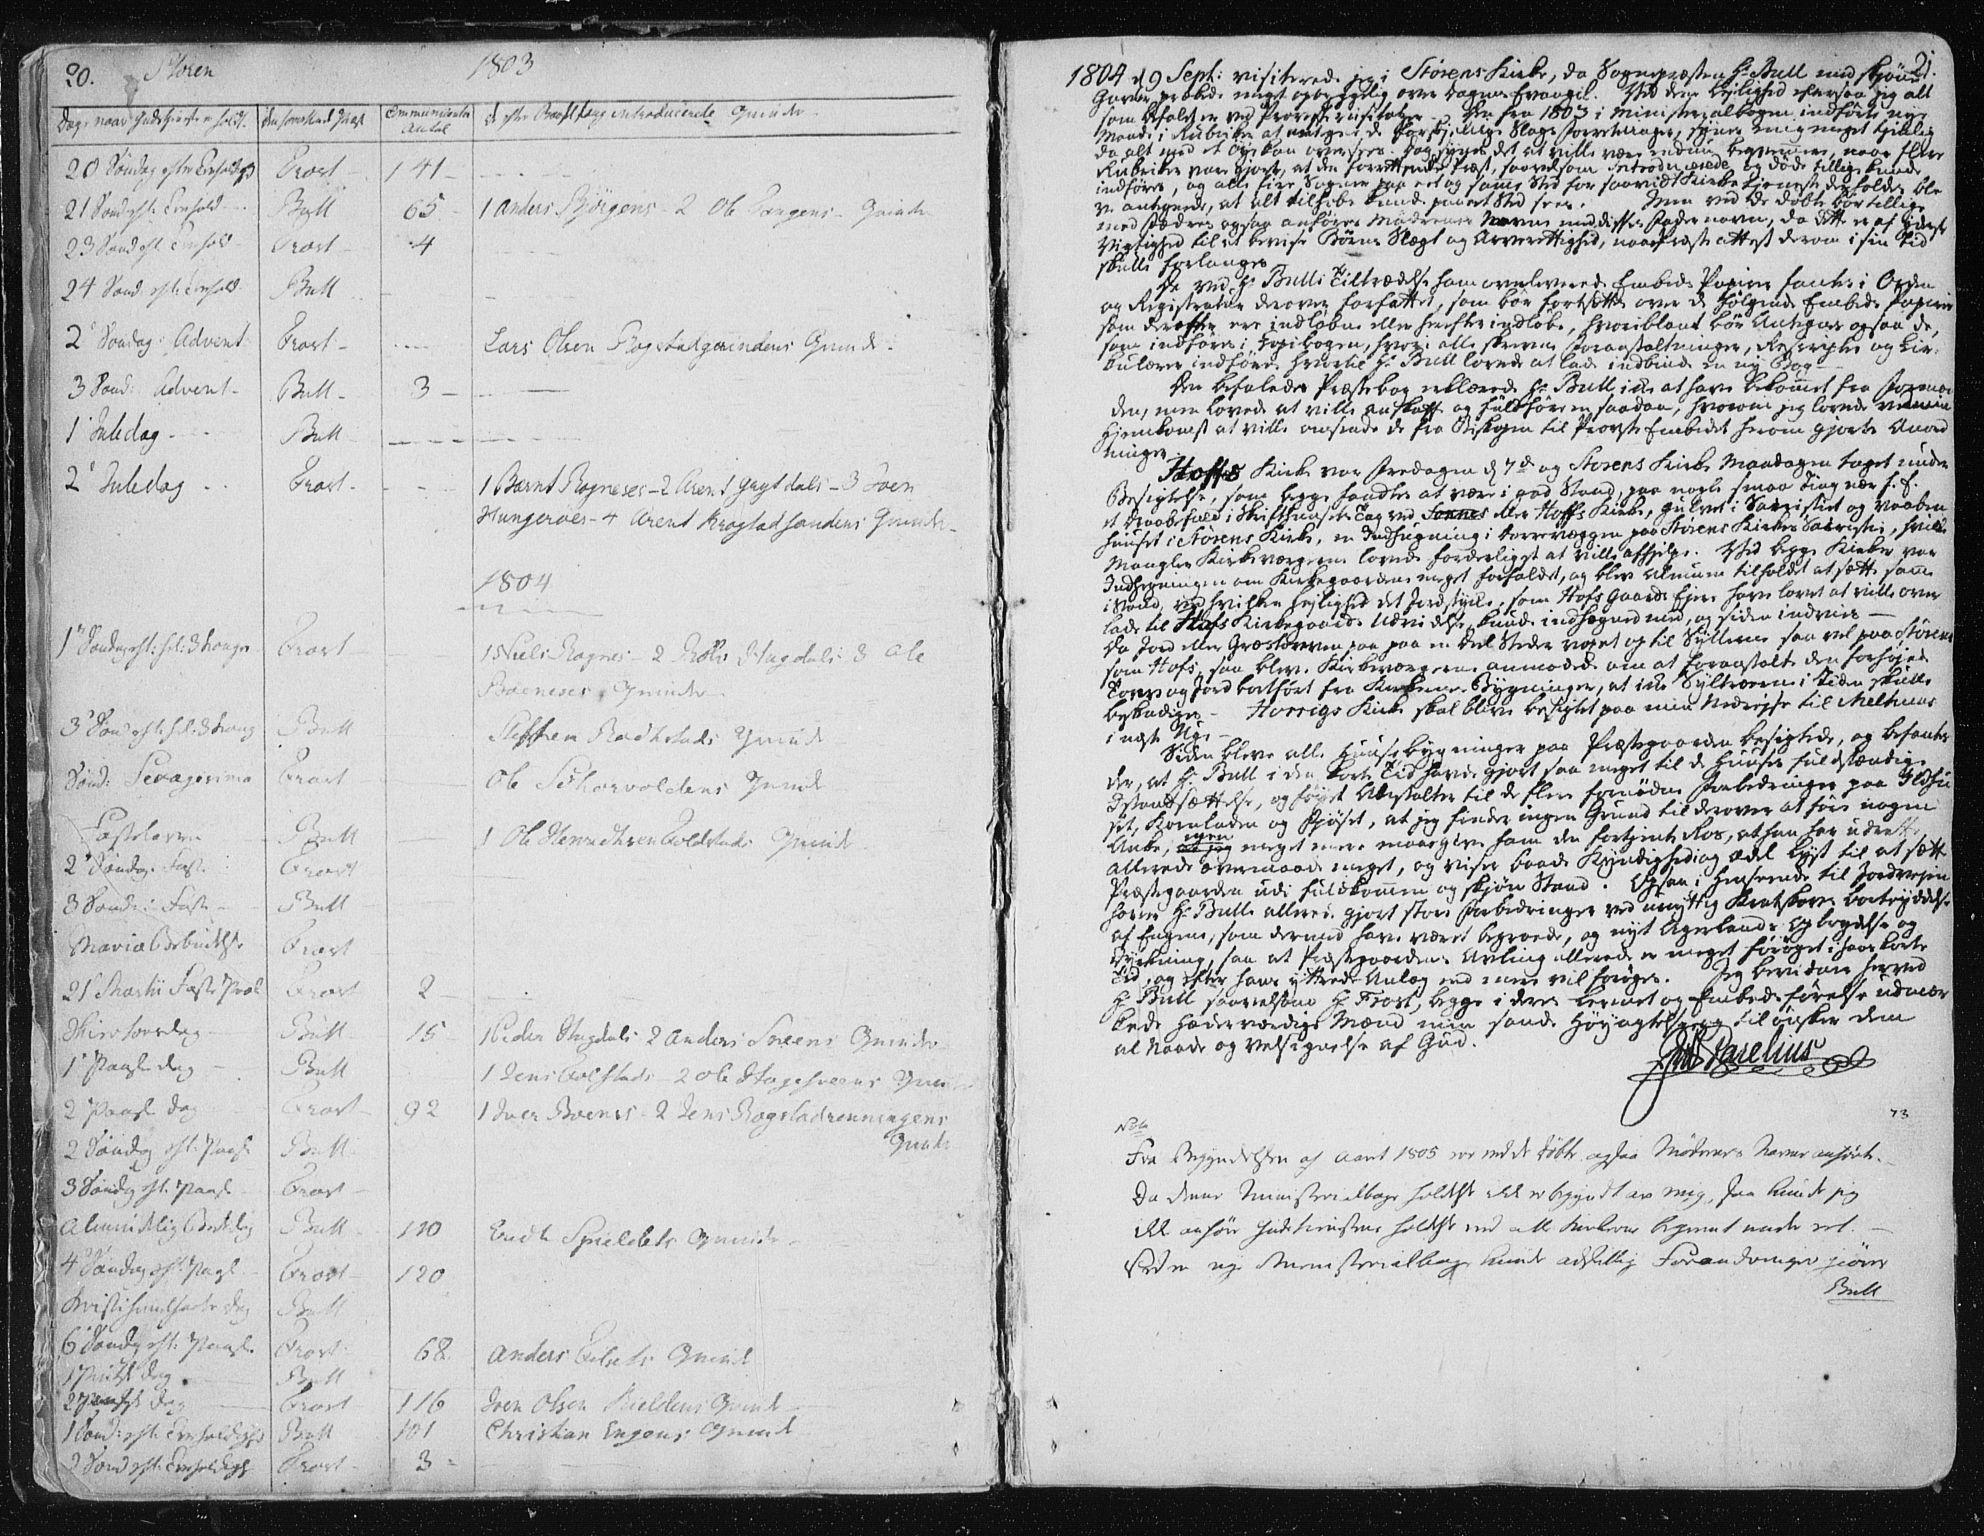 SAT, Ministerialprotokoller, klokkerbøker og fødselsregistre - Sør-Trøndelag, 687/L0992: Ministerialbok nr. 687A03 /1, 1788-1815, s. 20-21